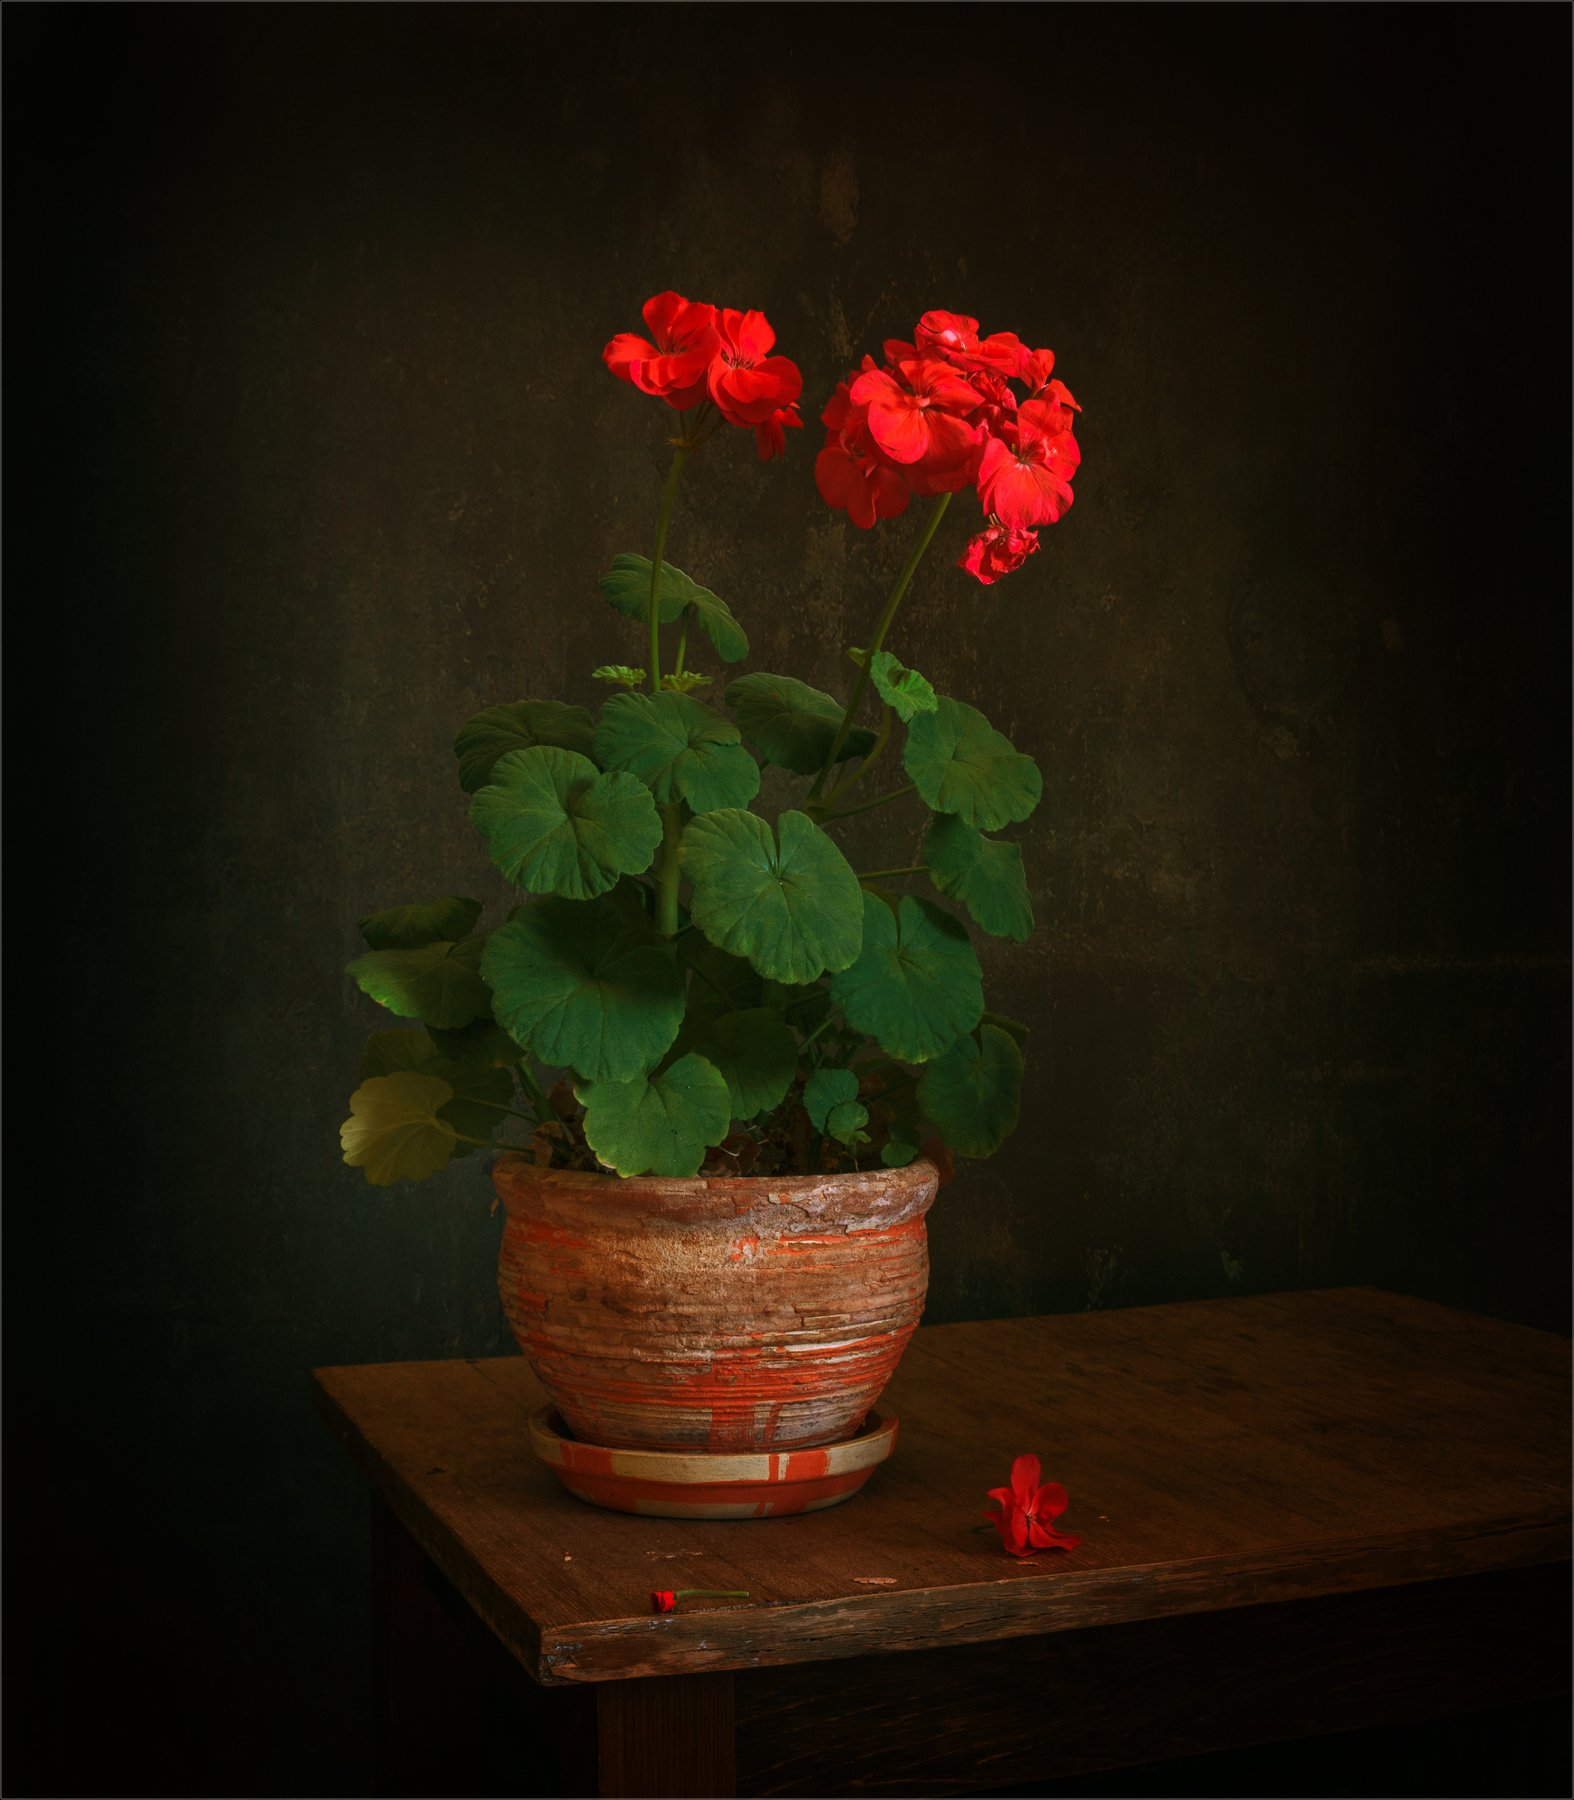 still life, натюрморт,   винтаж,  растение, герань, цветы, минимализм, Михаил MSH